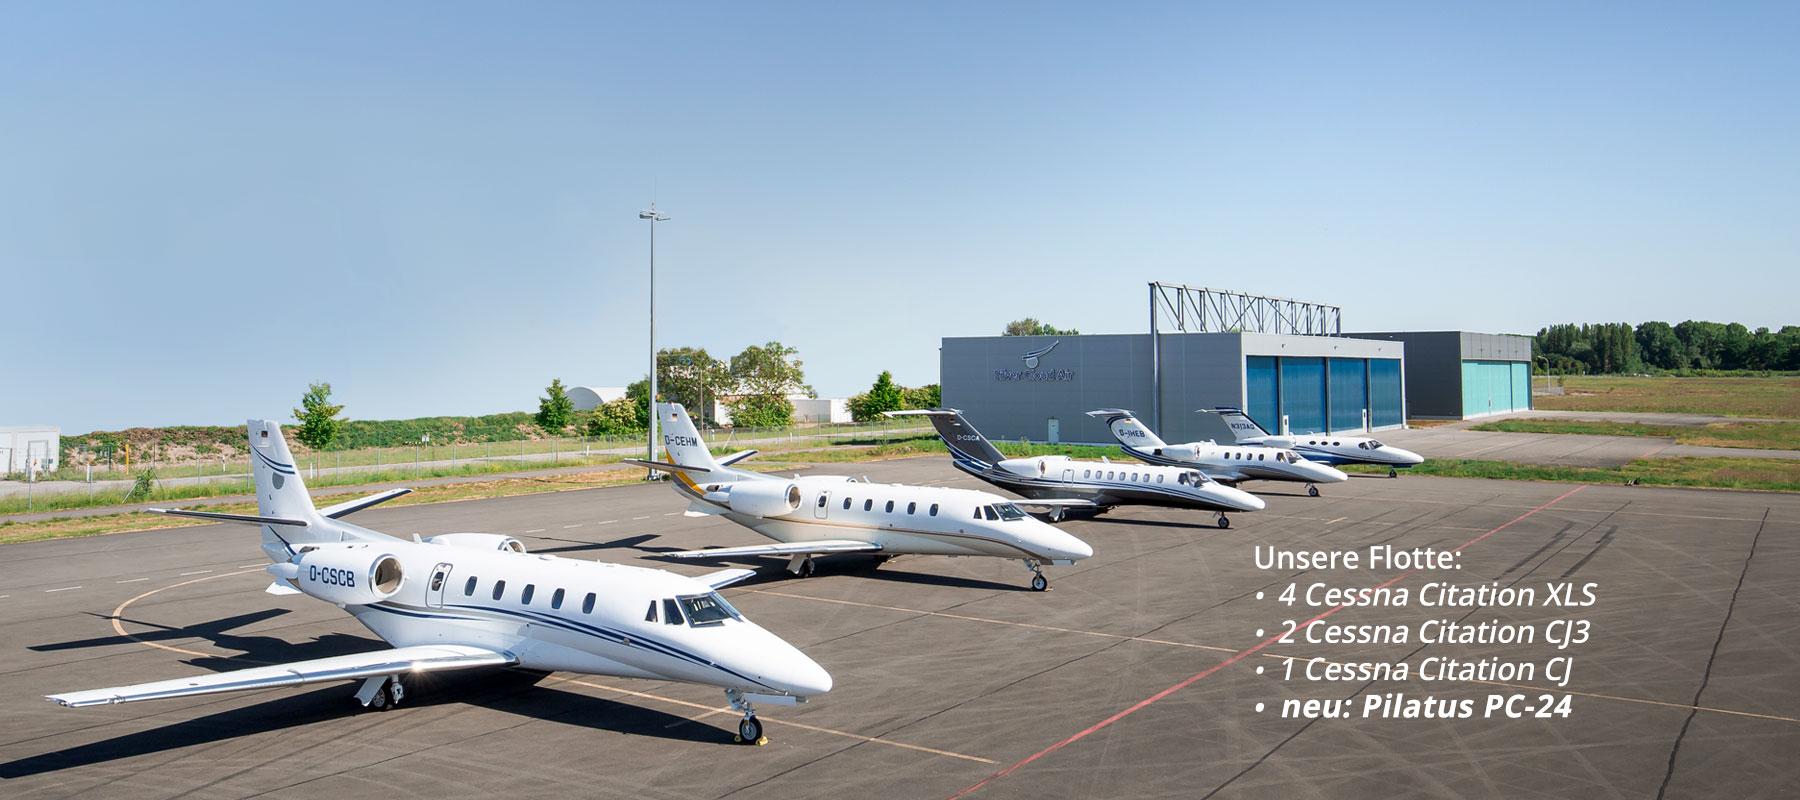 Silver Cloud Air - Flotte